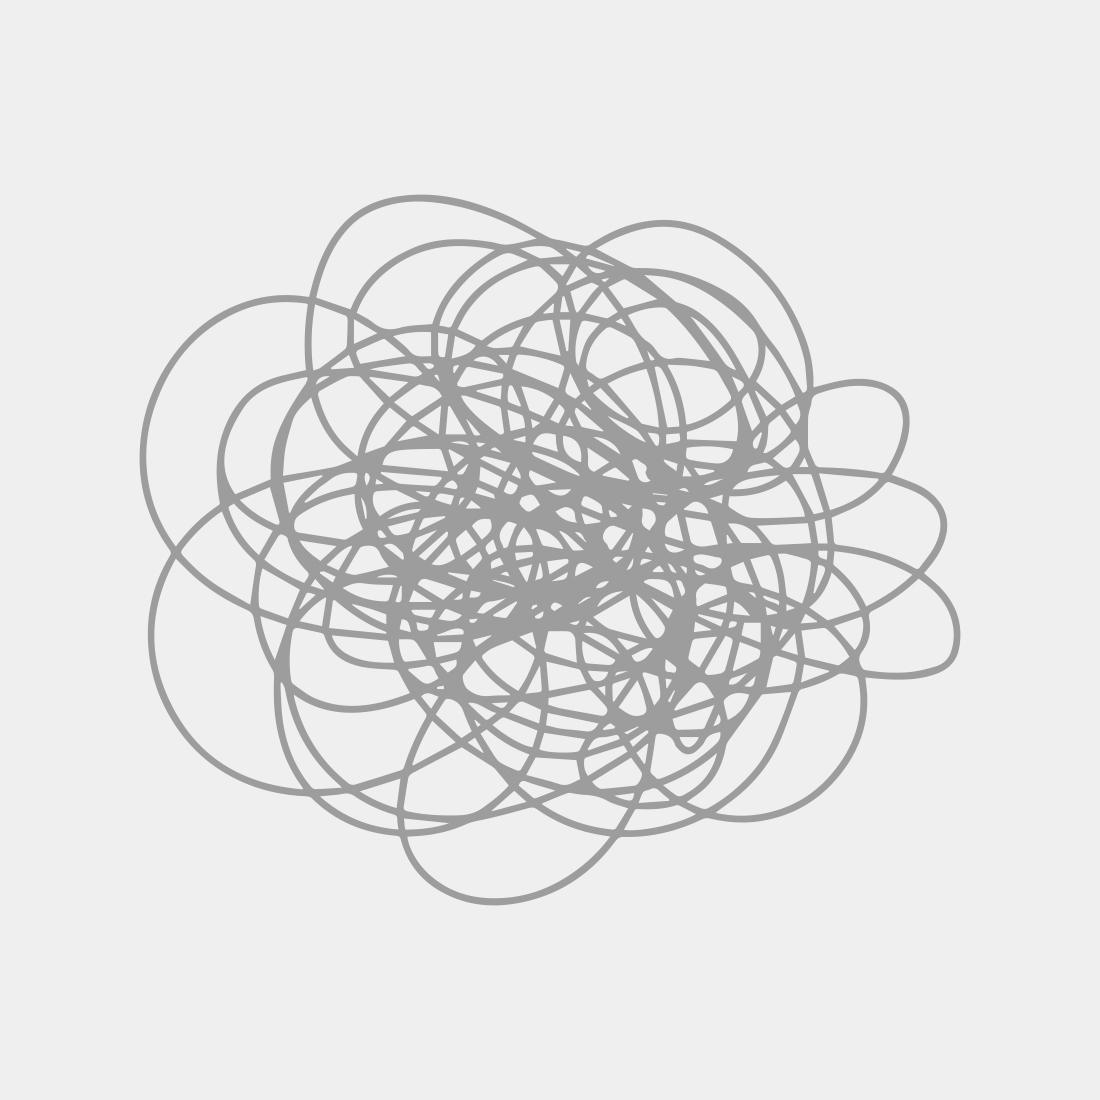 Frederic Leighton 1820-1896 Exhibition Poster, 1996